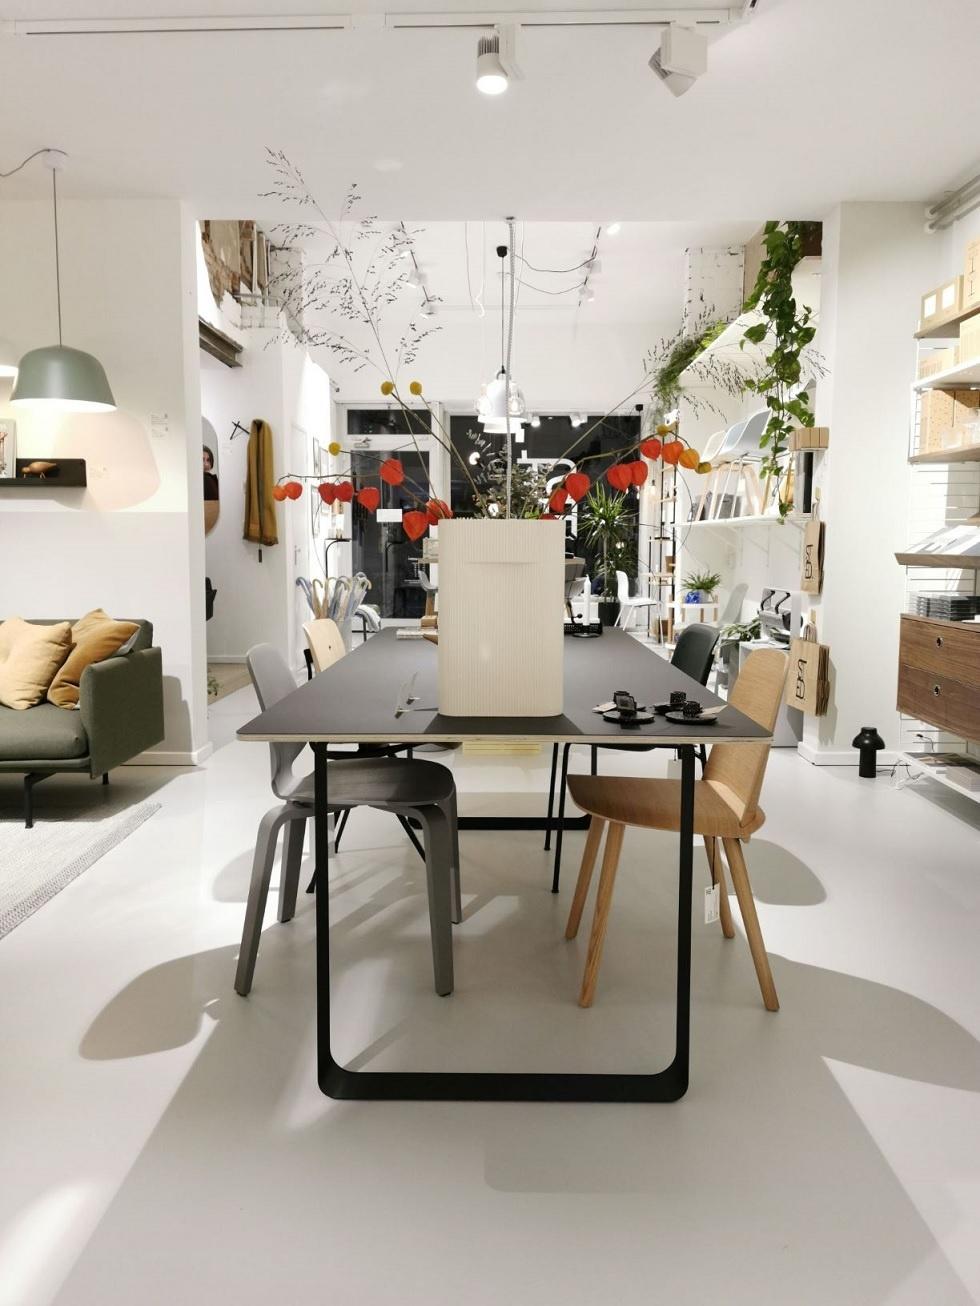 STED - de winkel in Eindhoven voor Scandinavisch interieurdesign